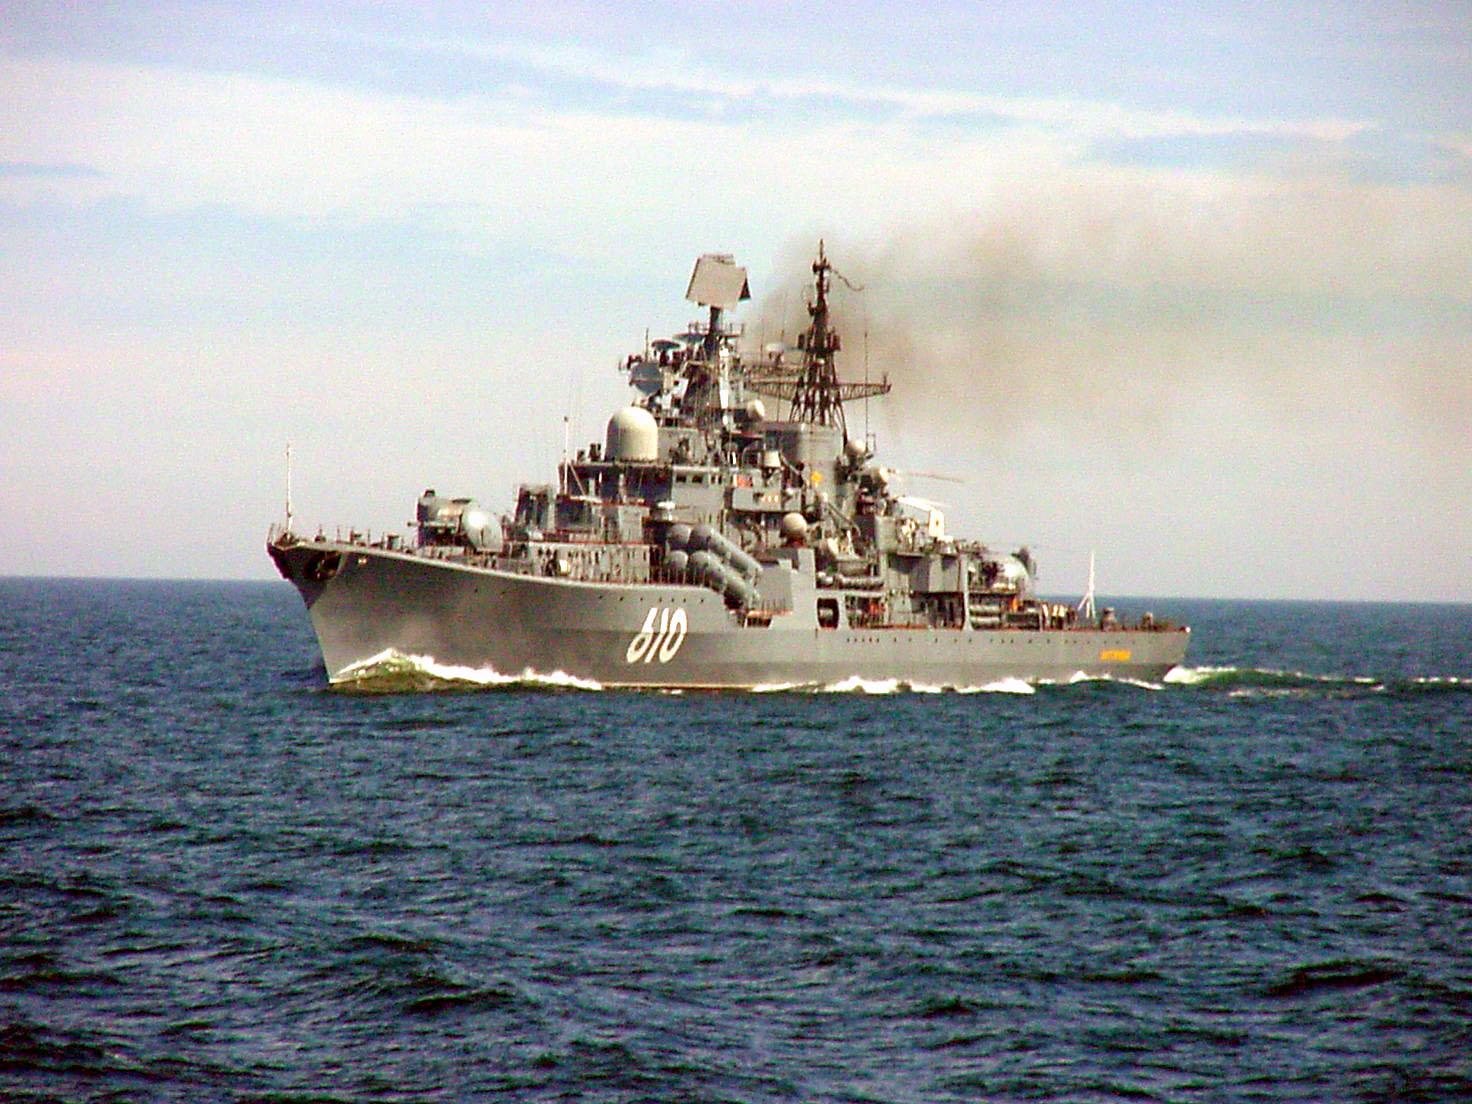 Niszczyciel Nastojcziwyj jest zupełnie przestarzały. Większość jednostek typu Sowriemiennyj już wycofano, a jego bliźniak z Floty Bałtyckiej – Biespokojnyj – pełni funkcję muzeum w Kronsztadzie. Fot. US Navy